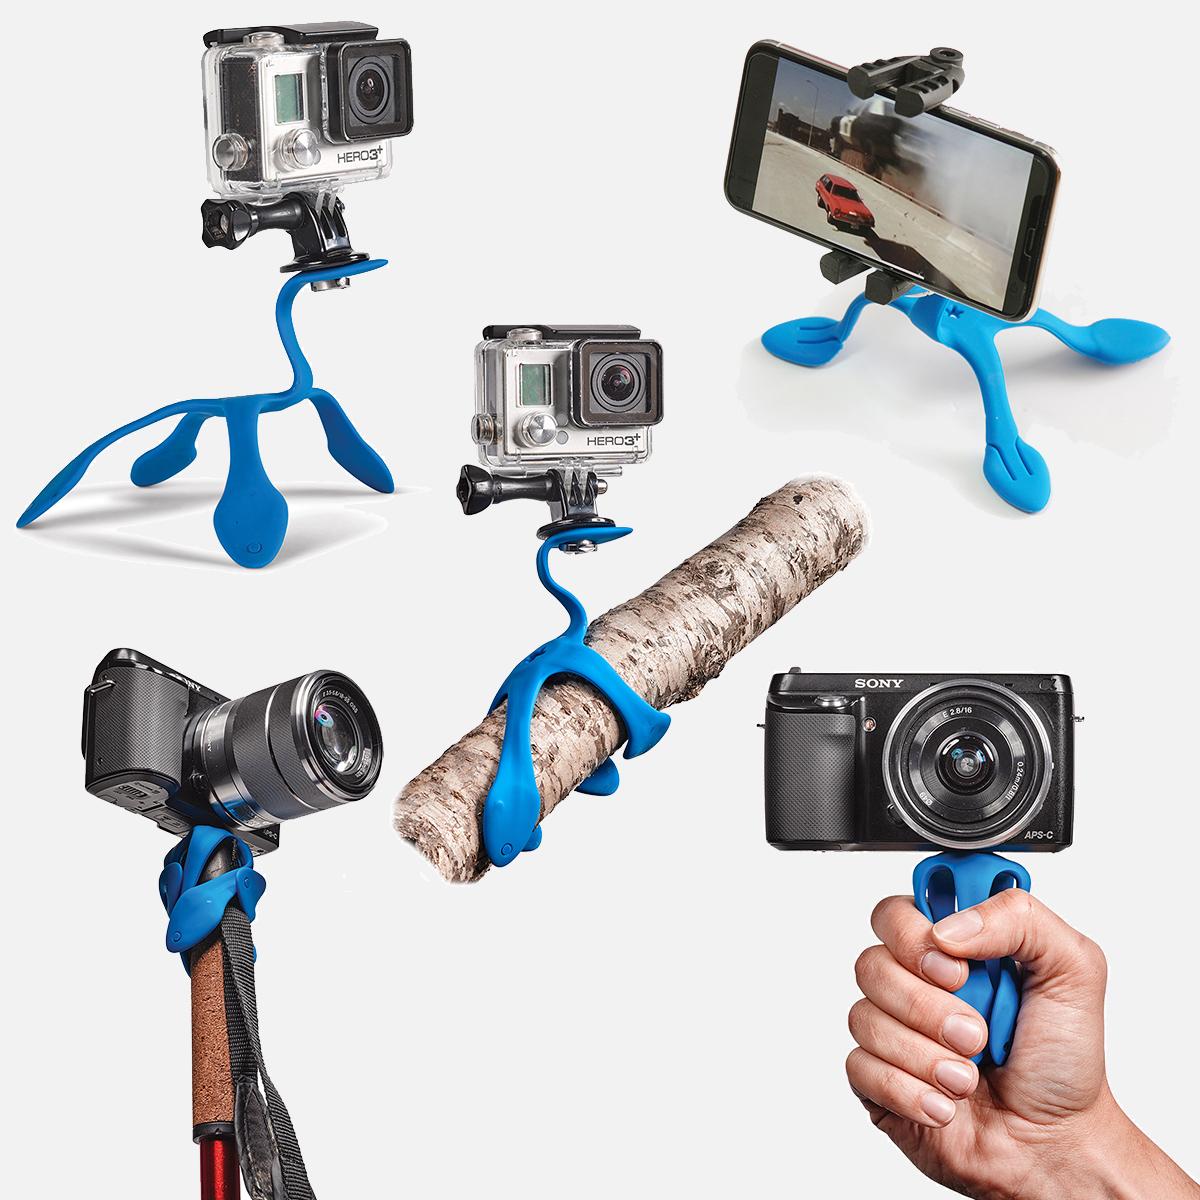 変幻自在にぐにゃぐにゃと動く5本の足でどんな場所でも固定することができる|「miggo」のスマホ&カメラ用スタンド|スマホアクセサリーで快適なモバイルライフを。スマホがもっと便利になるおすすめグッズをご紹介